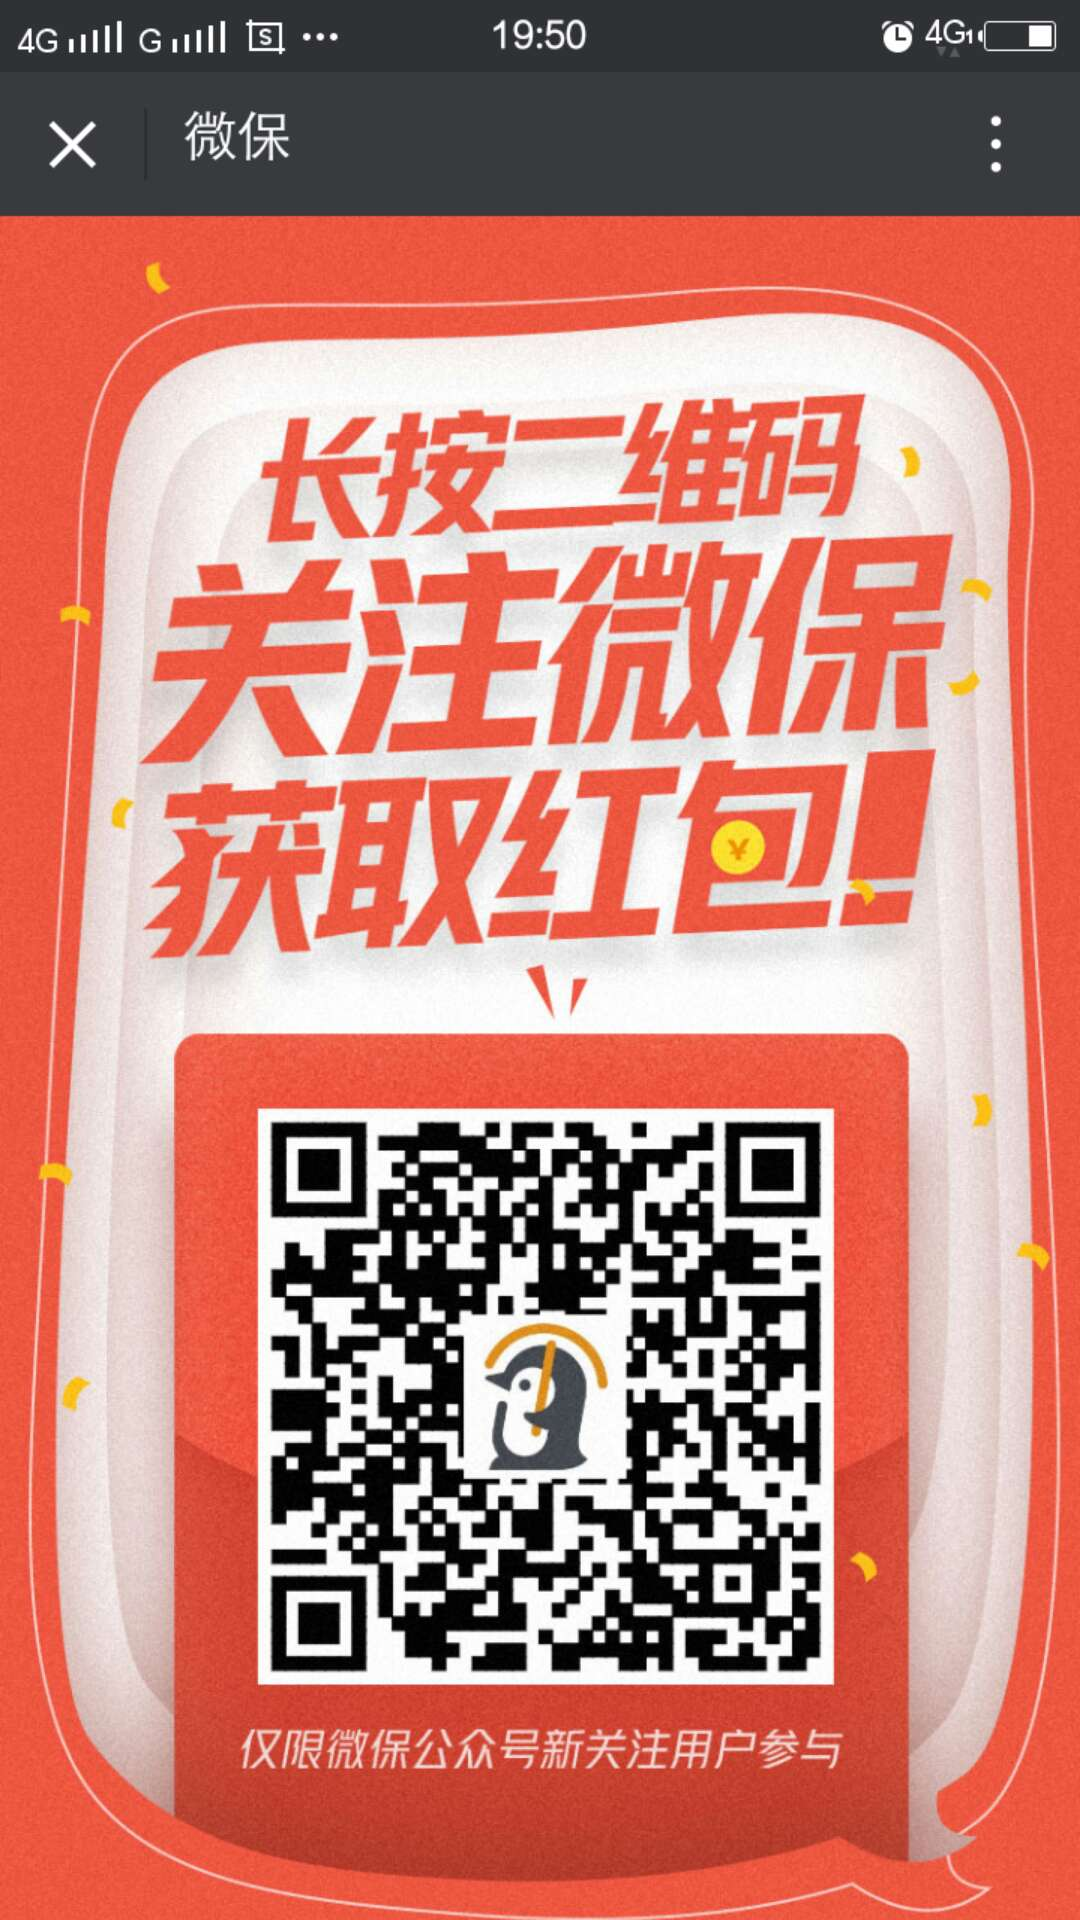 腾讯旗下微保 新用户关注微信公众号 抽奖微信红包